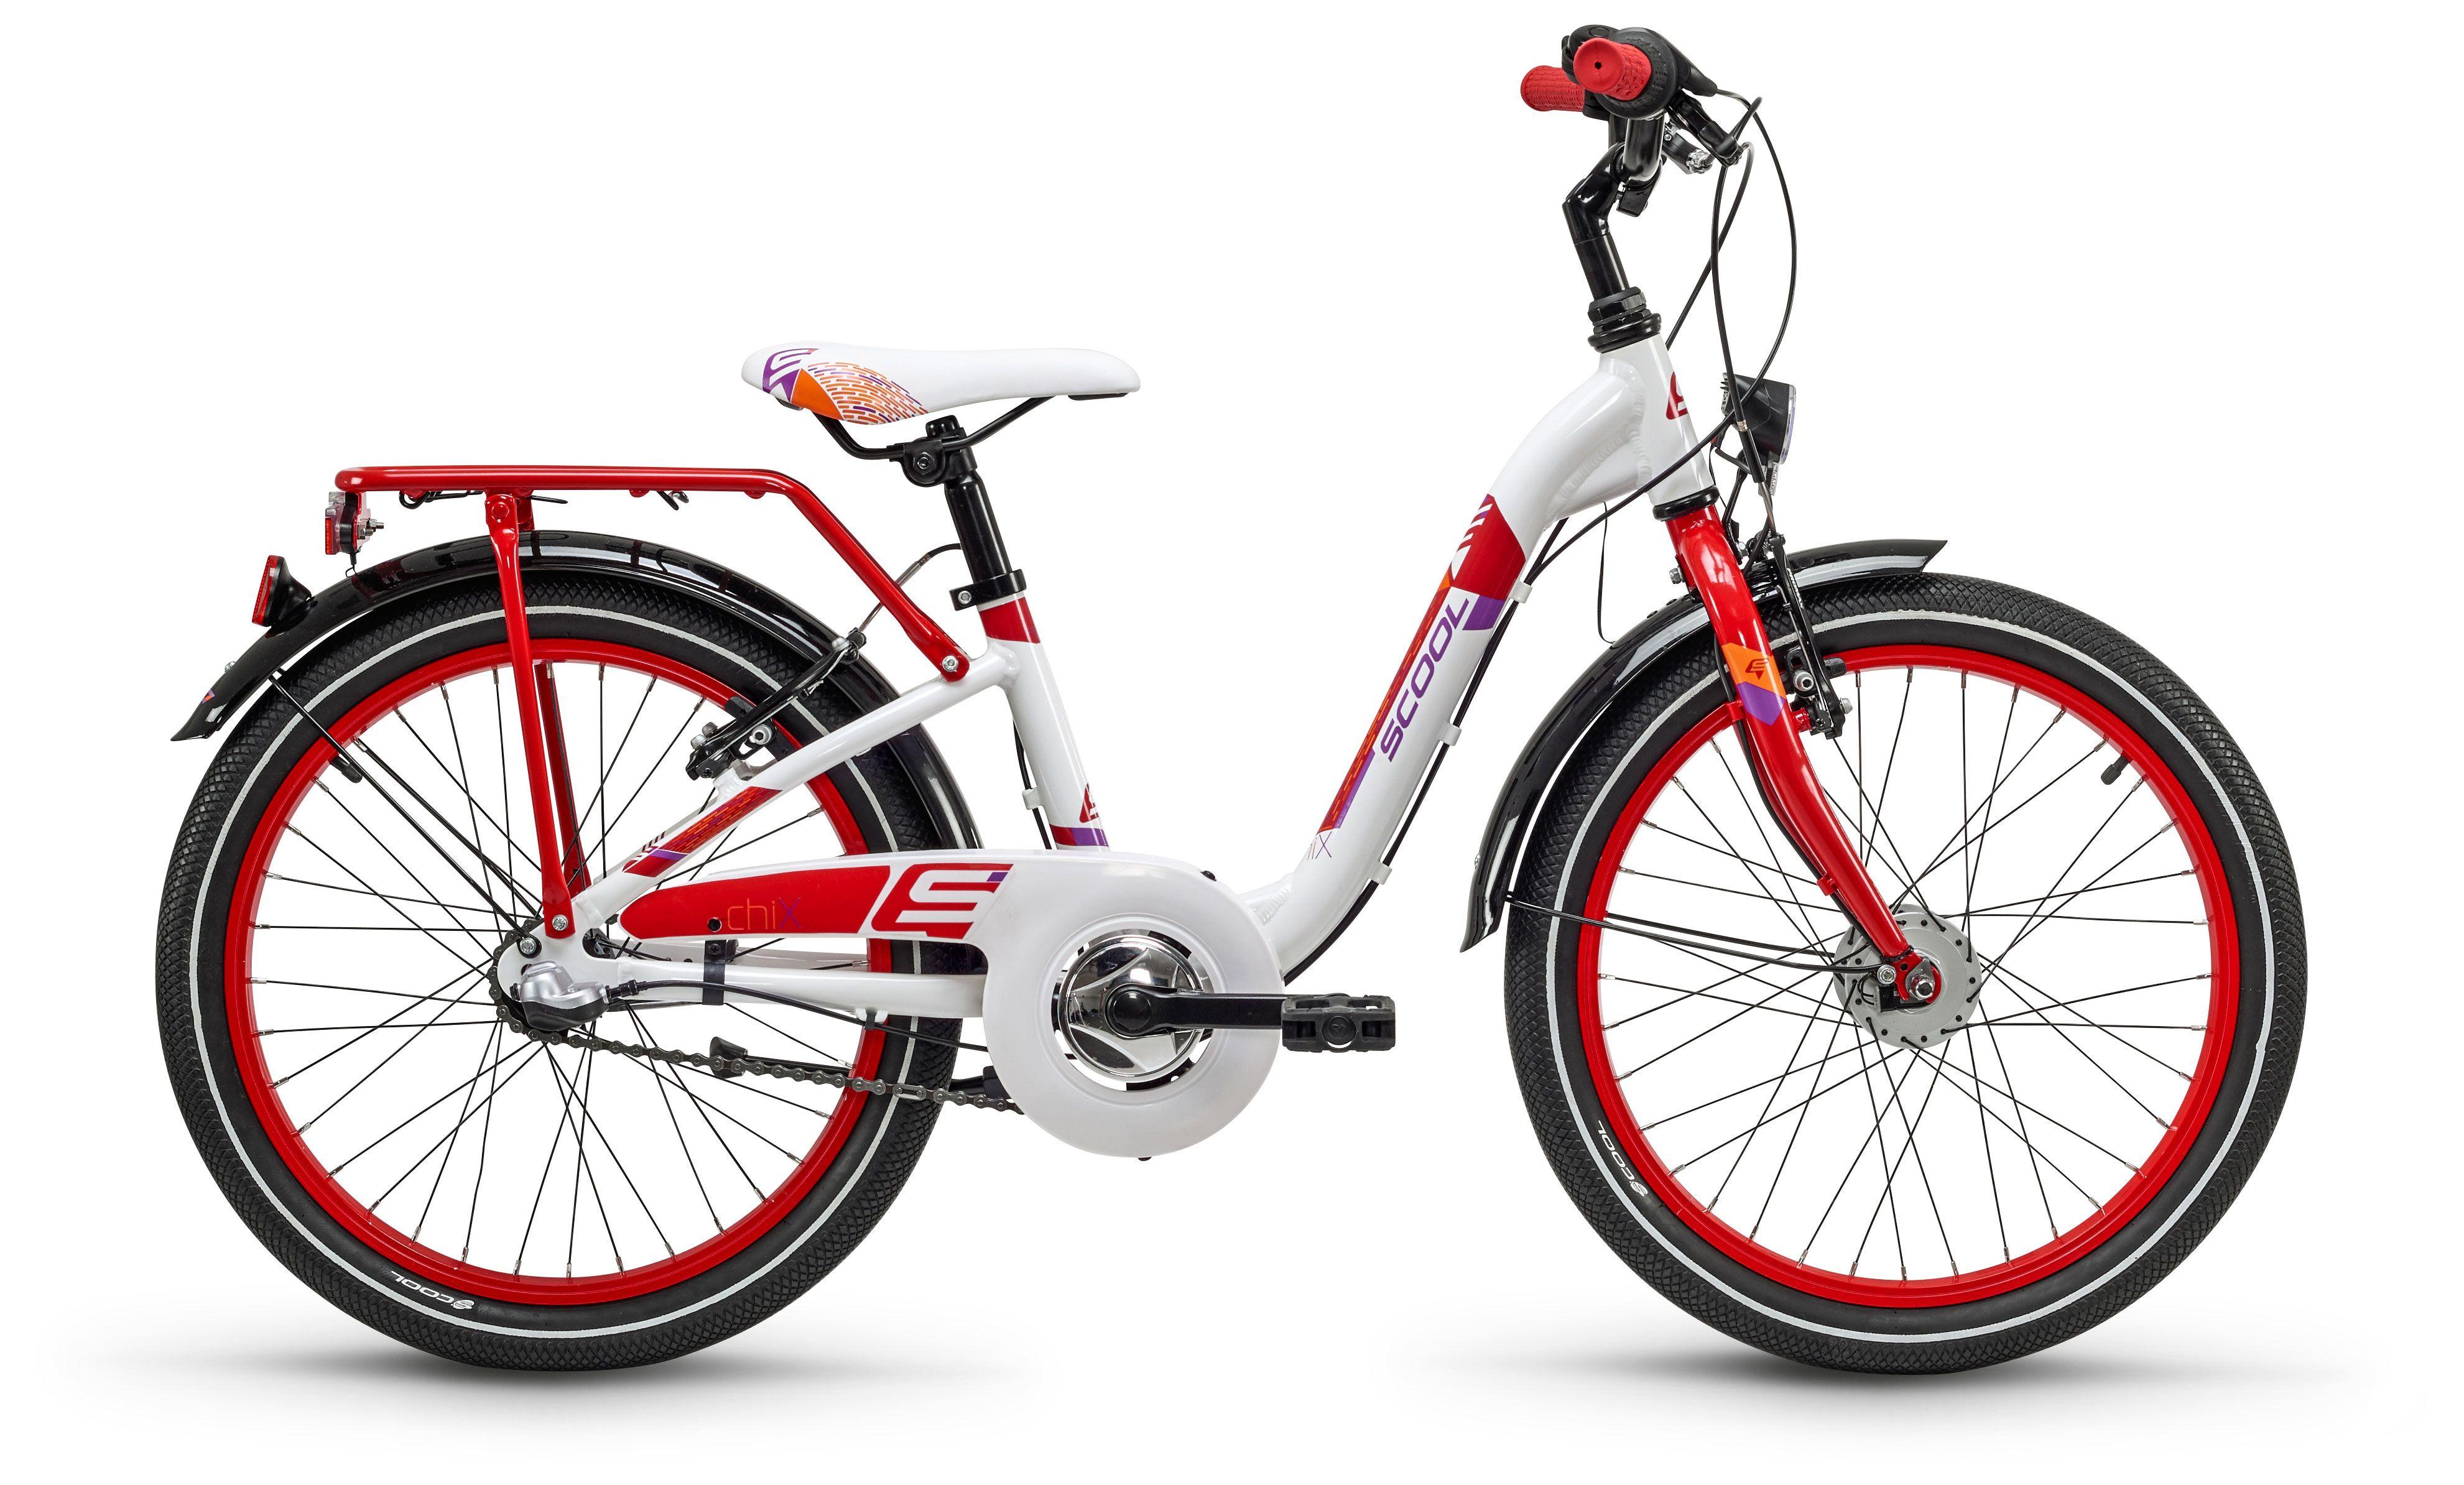 Велосипед Scool chiX alloy 20 3-S 2018 цена